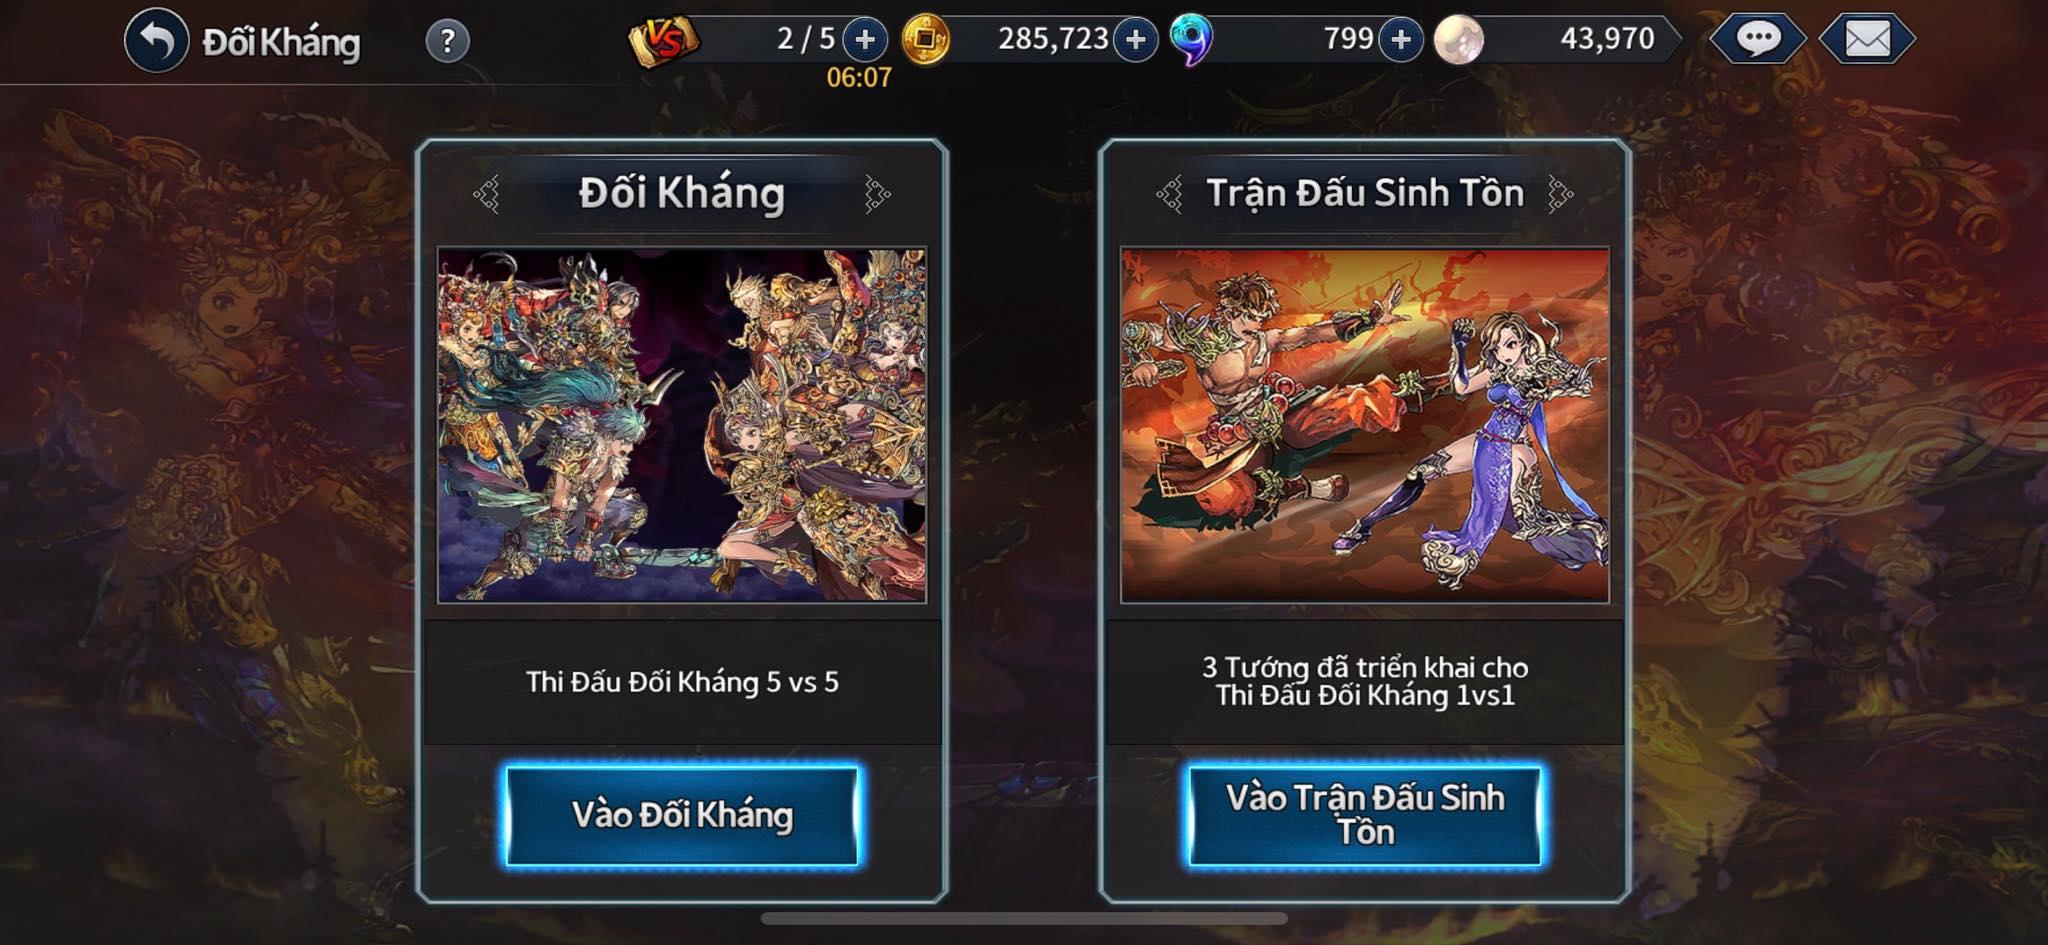 Final Blade Việt Nam không thiếu những đấu trường leo hạng, clan chiến cho bạn tranh đấu 2